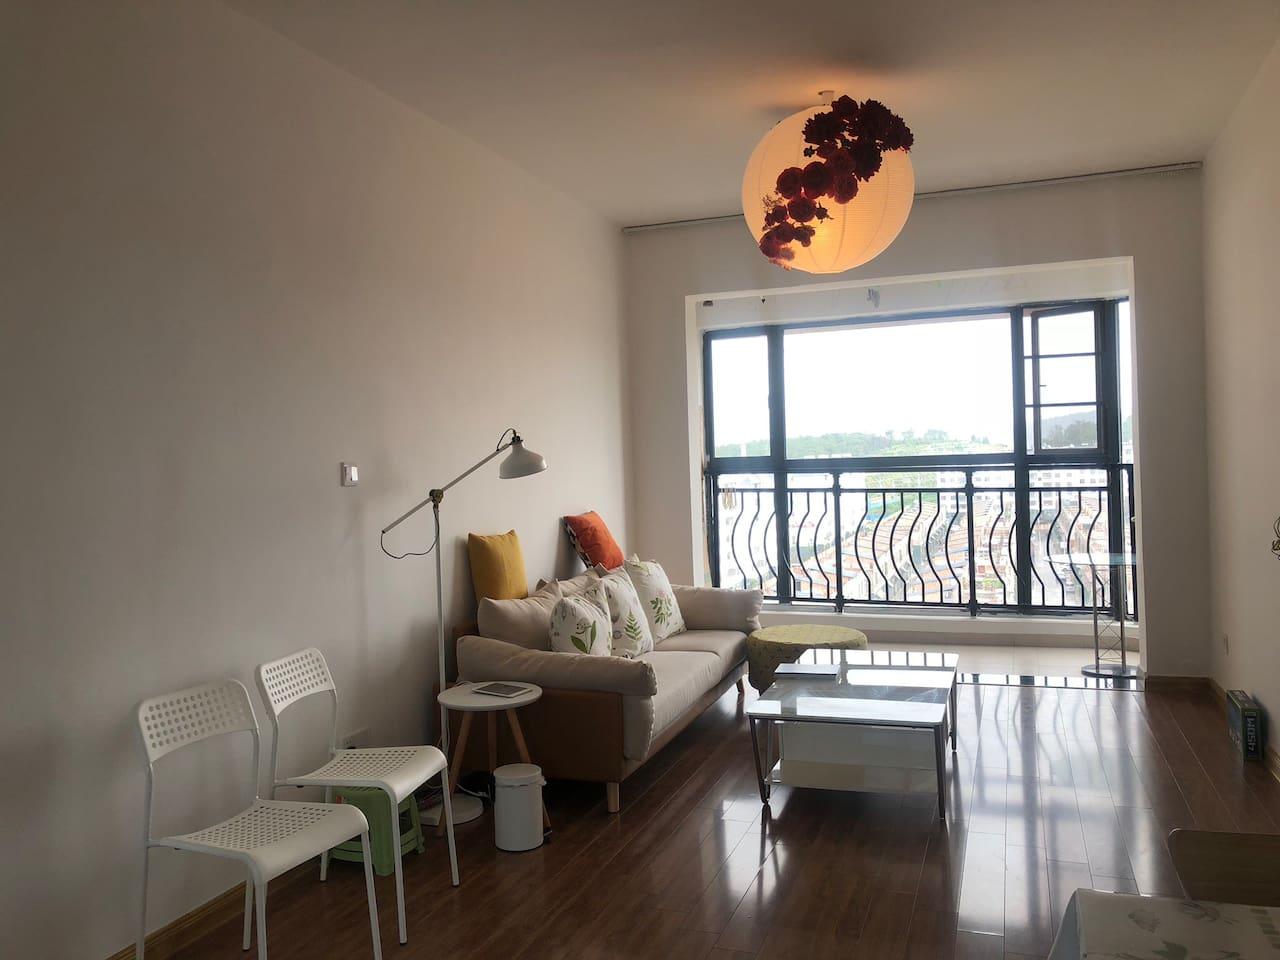 客厅,配备沙发,读书落地灯,茶几等。同时多USB充电器,方便您手机,IPAD,充电宝等设备充电。